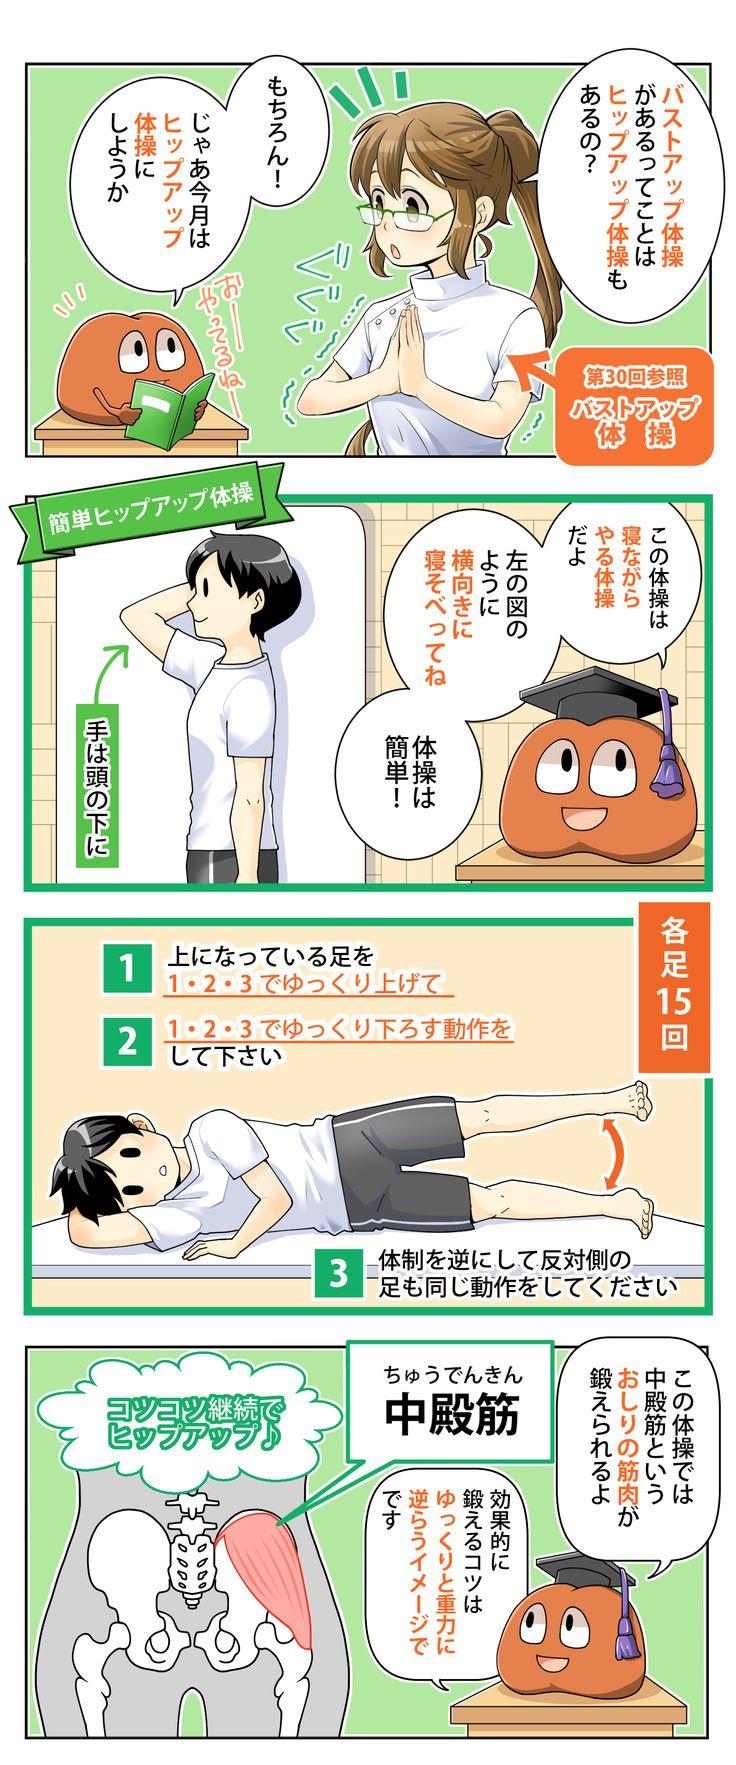 【無料4コマ解説】手軽に簡単ヒップアップ体操